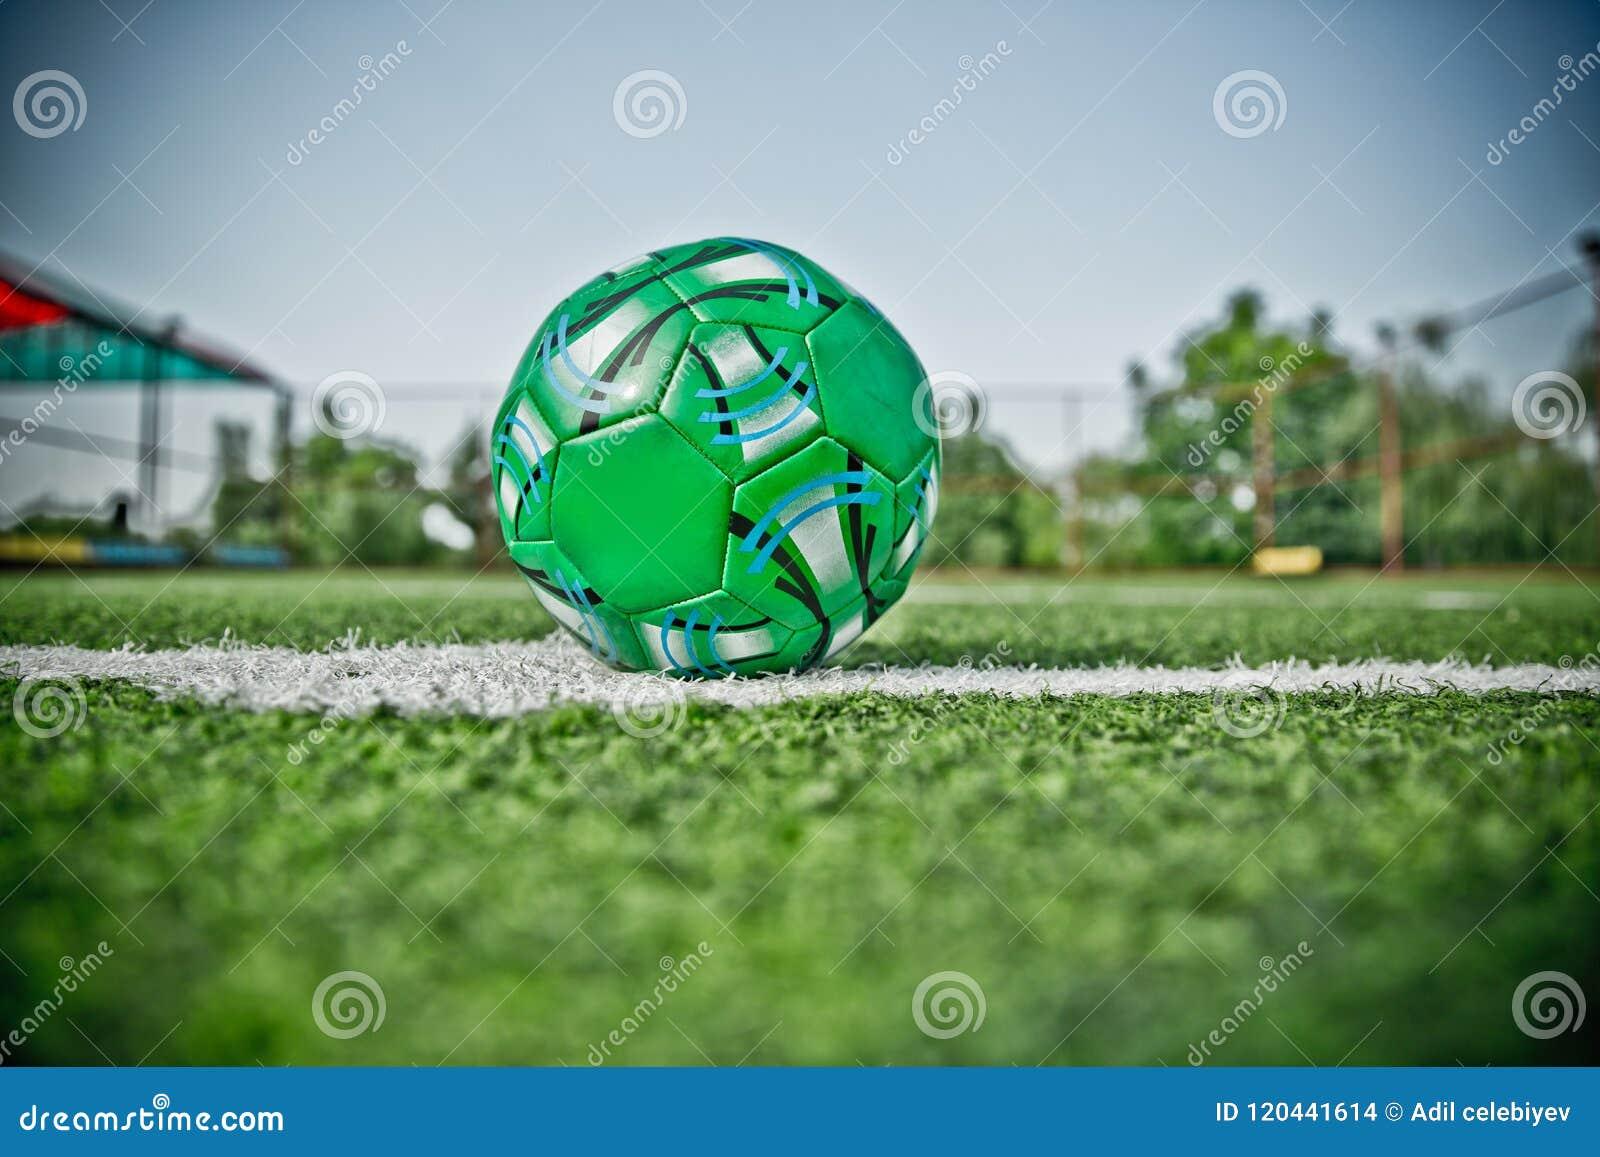 Künstliches Gras Mini Football Goal On Ans Innerhalb des Innenfußballplatzes Minifußball hdr Foto